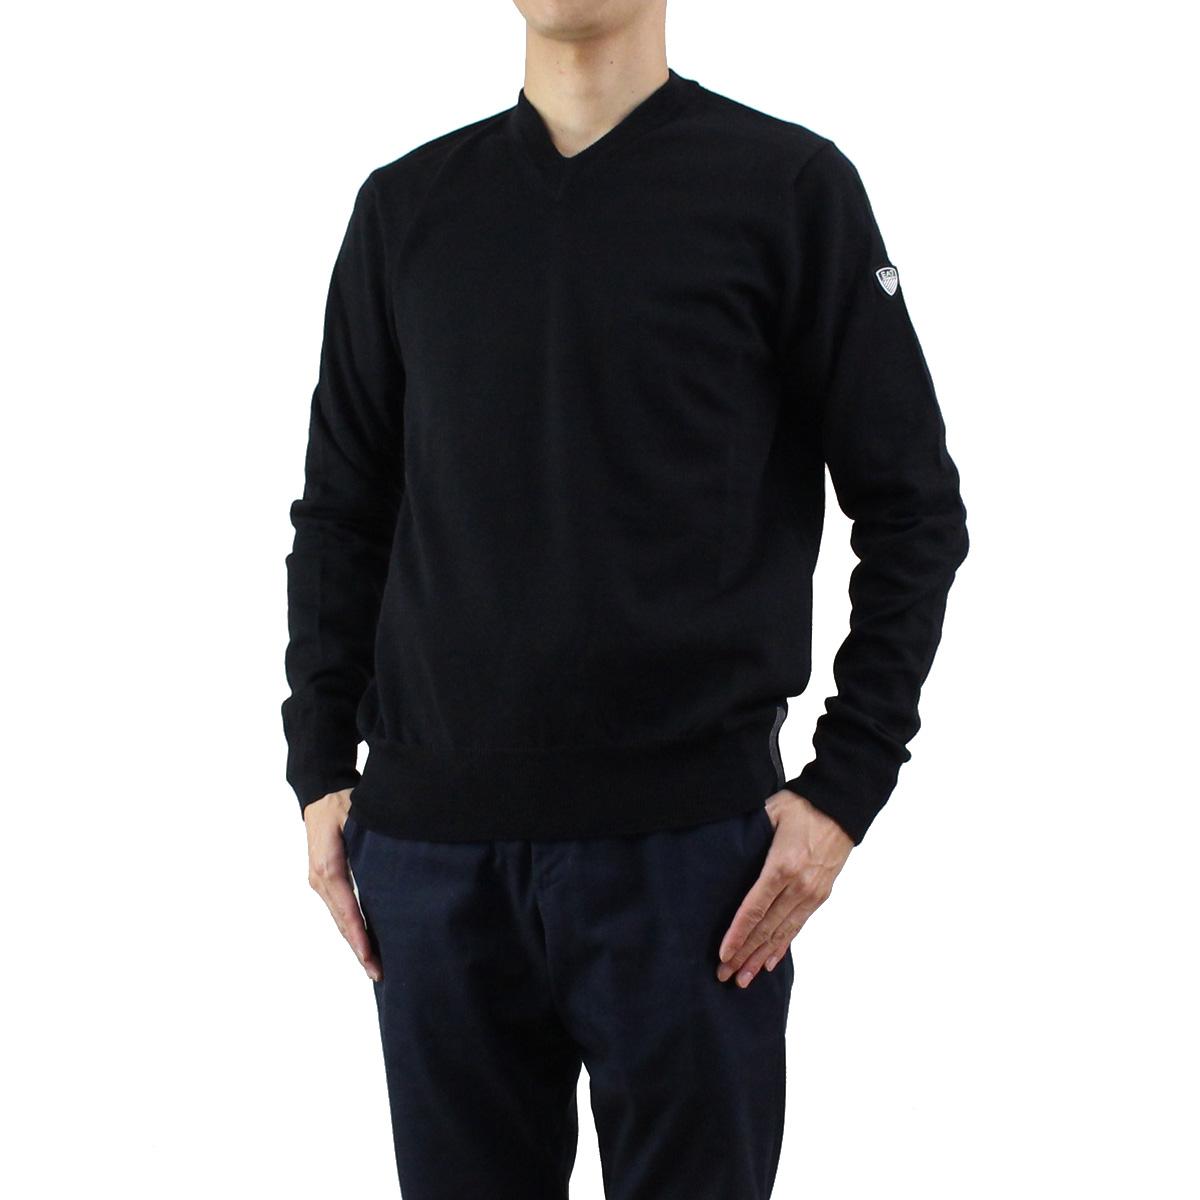 【大幅値下げ!販売価格16,800円→11,200円】イーエーセブン EA7 メンズ Vネック ウール セーター 6YPMZ7 PM04Z 1200 BLACK ブラック 【メンズ】